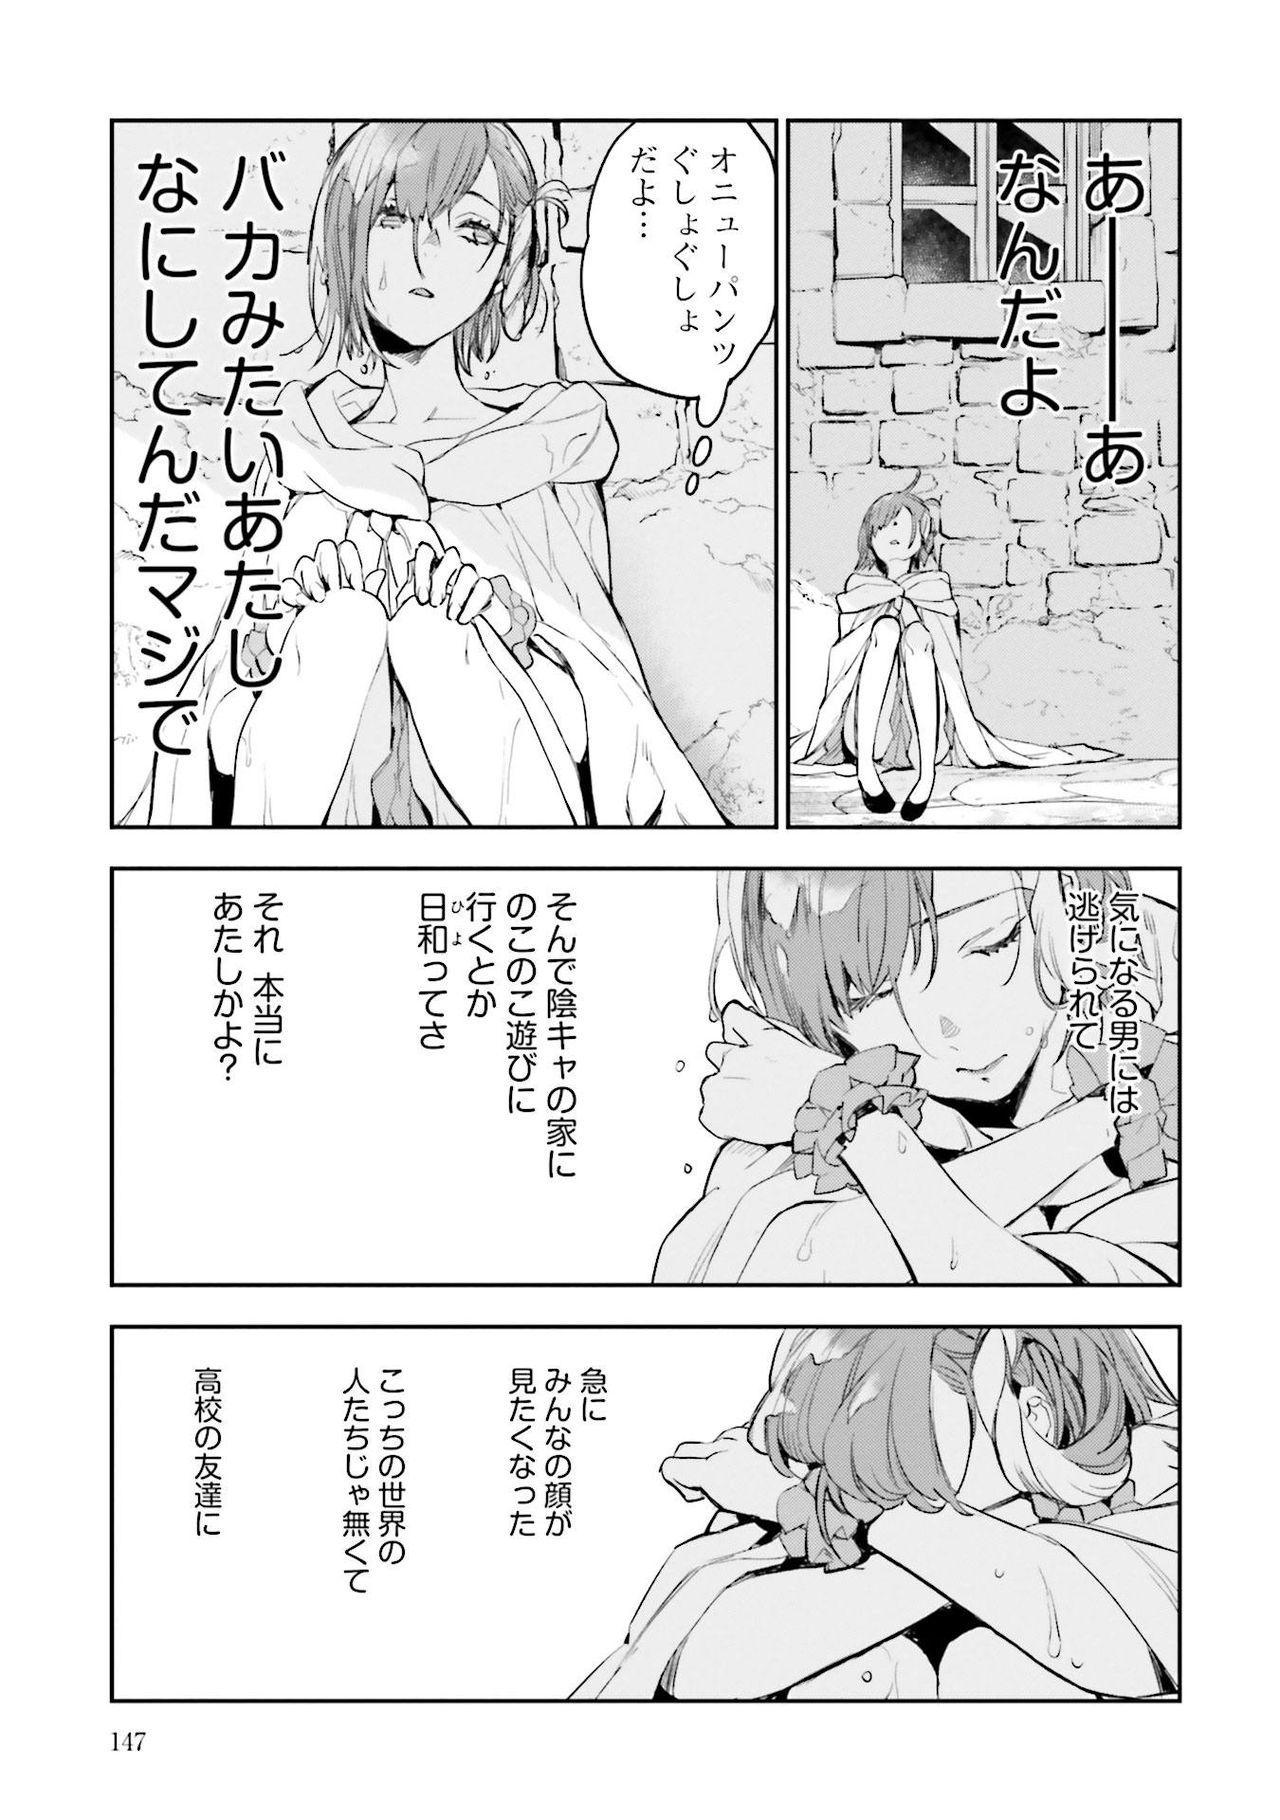 JK Haru wa Isekai de Shoufu ni Natta 1-14 335